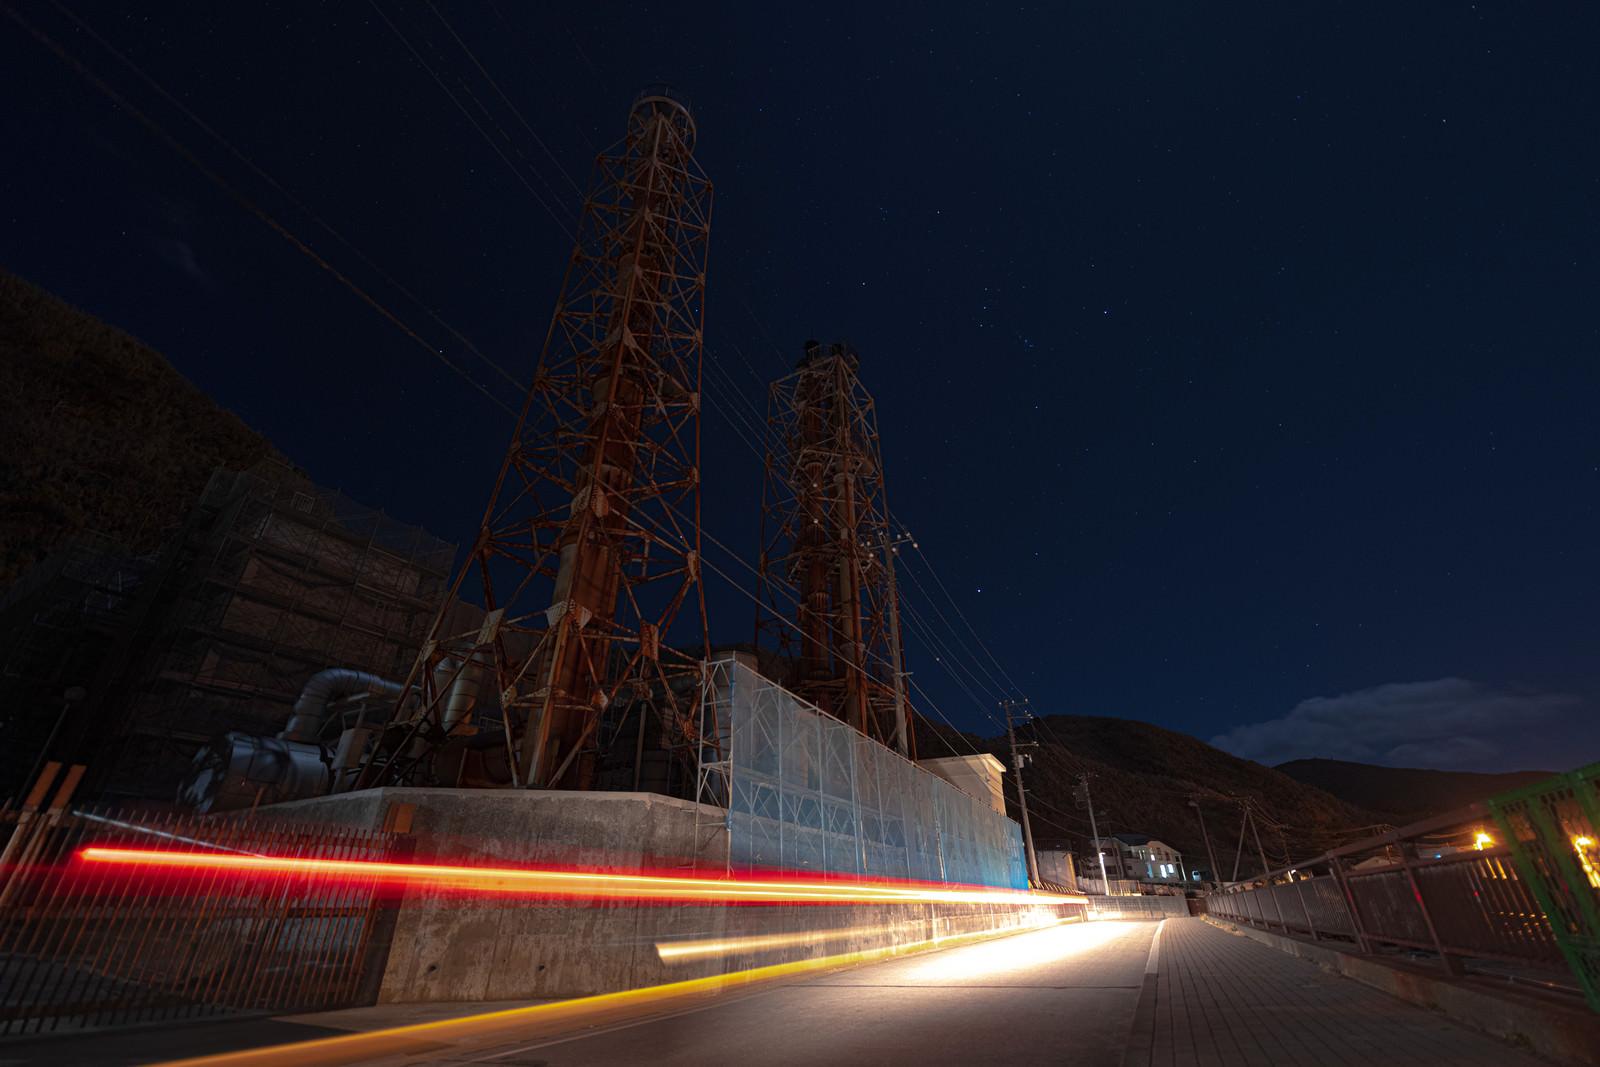 神津本道を走る車の光跡と工場夜景のフリー素材